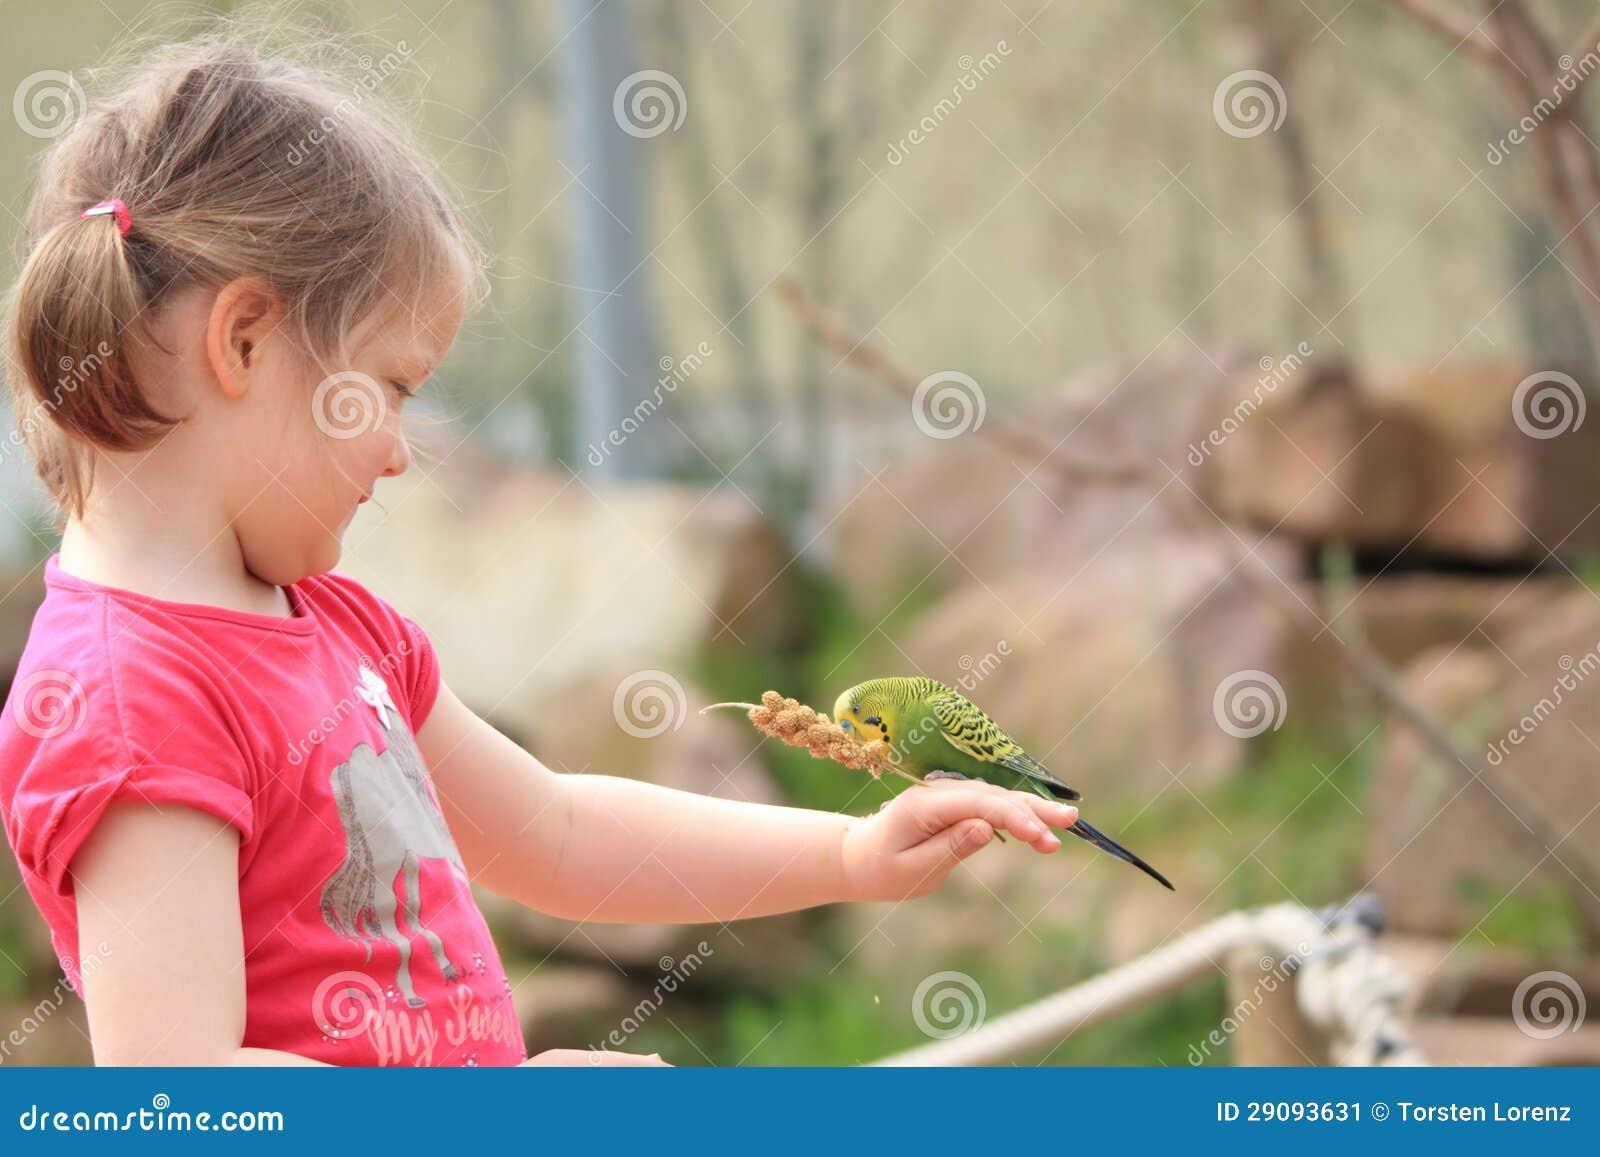 Ragazza con il pappagallino ondulato